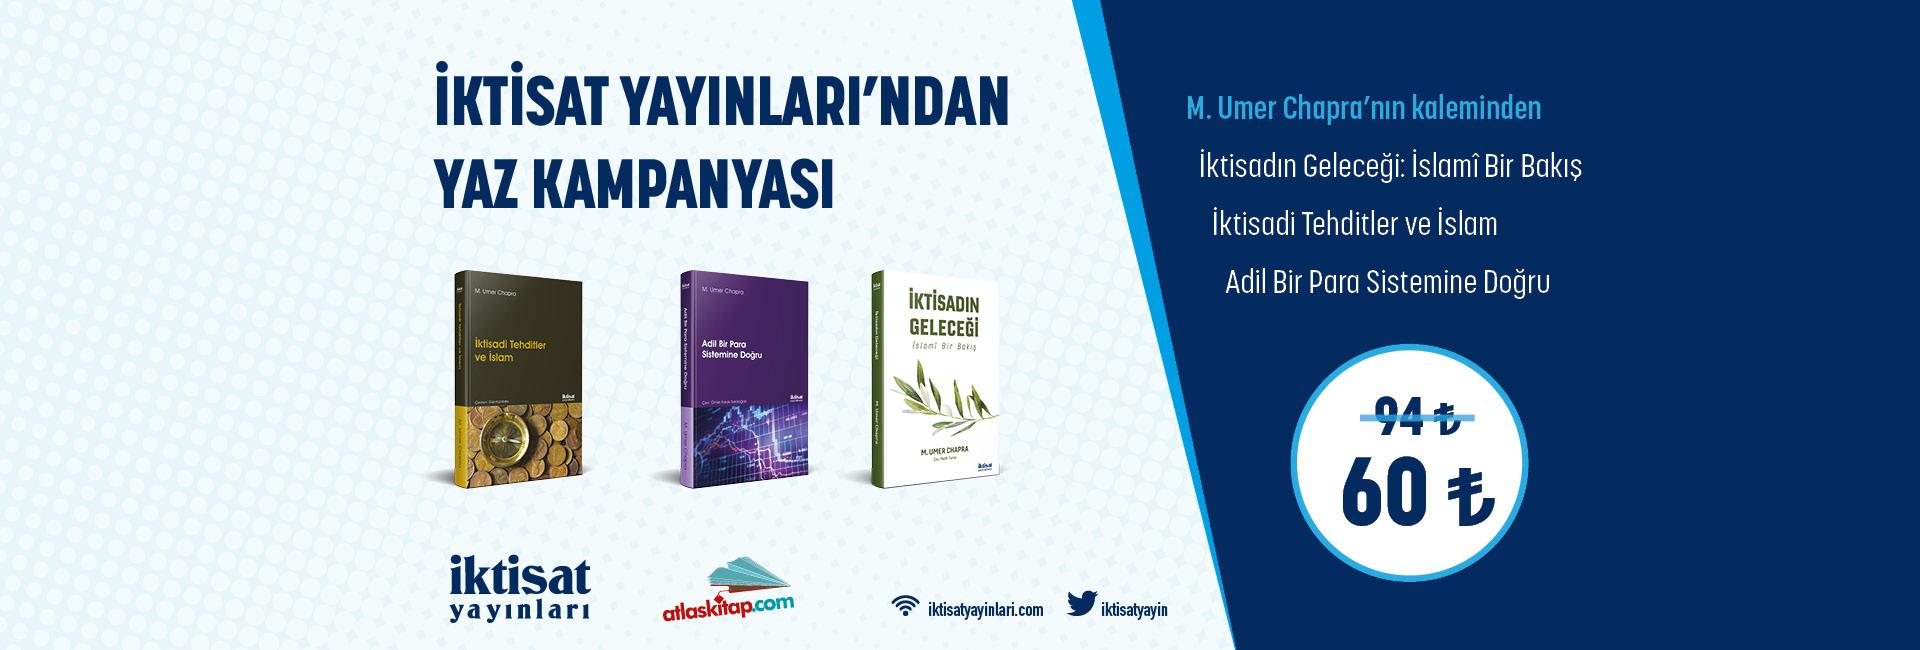 http://www.iktisatyayinlari.com/content/1-home/iiayazkampanyasi_web.jpg